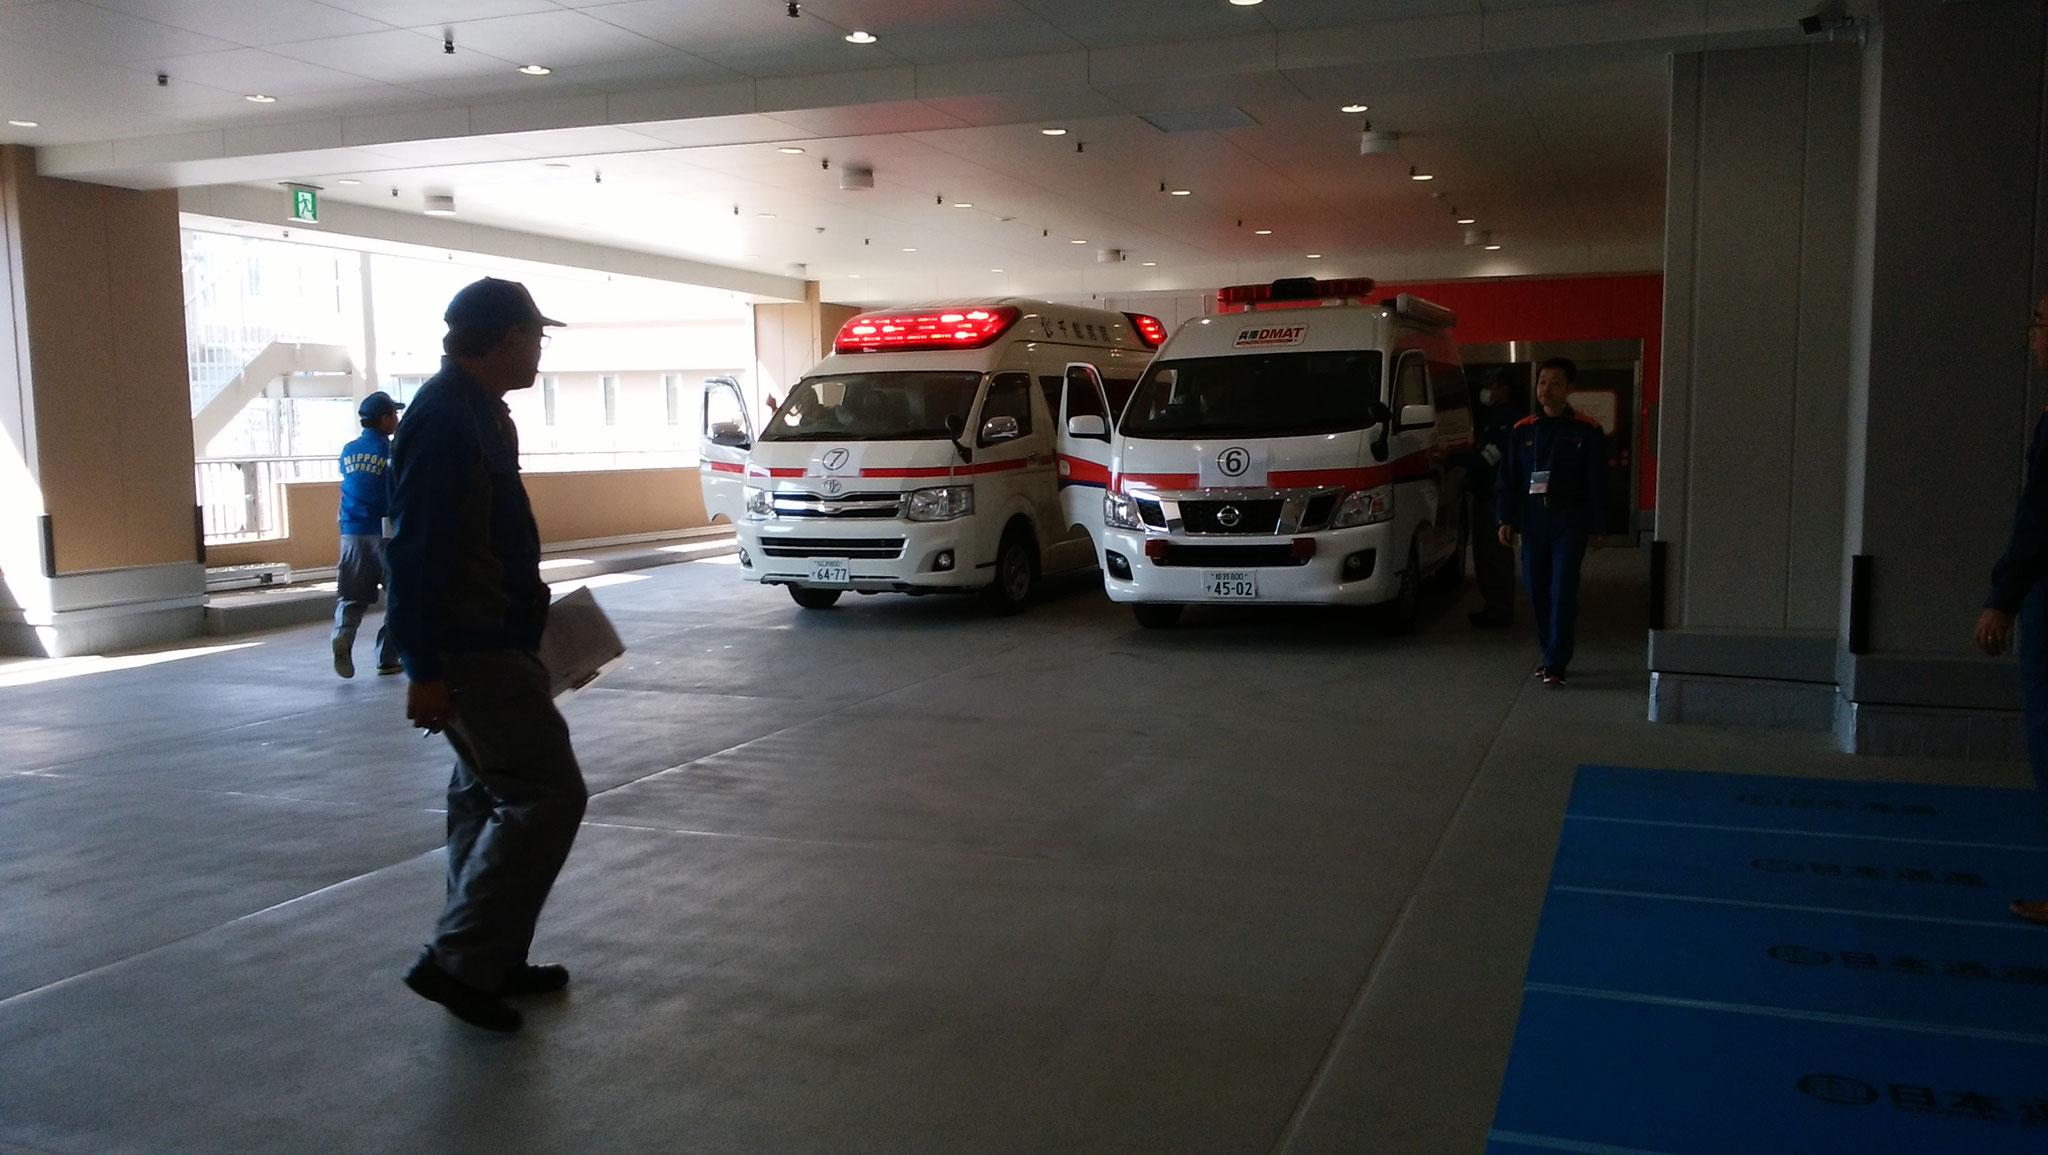 新病院へ到着したDAMTカーとドクターカー